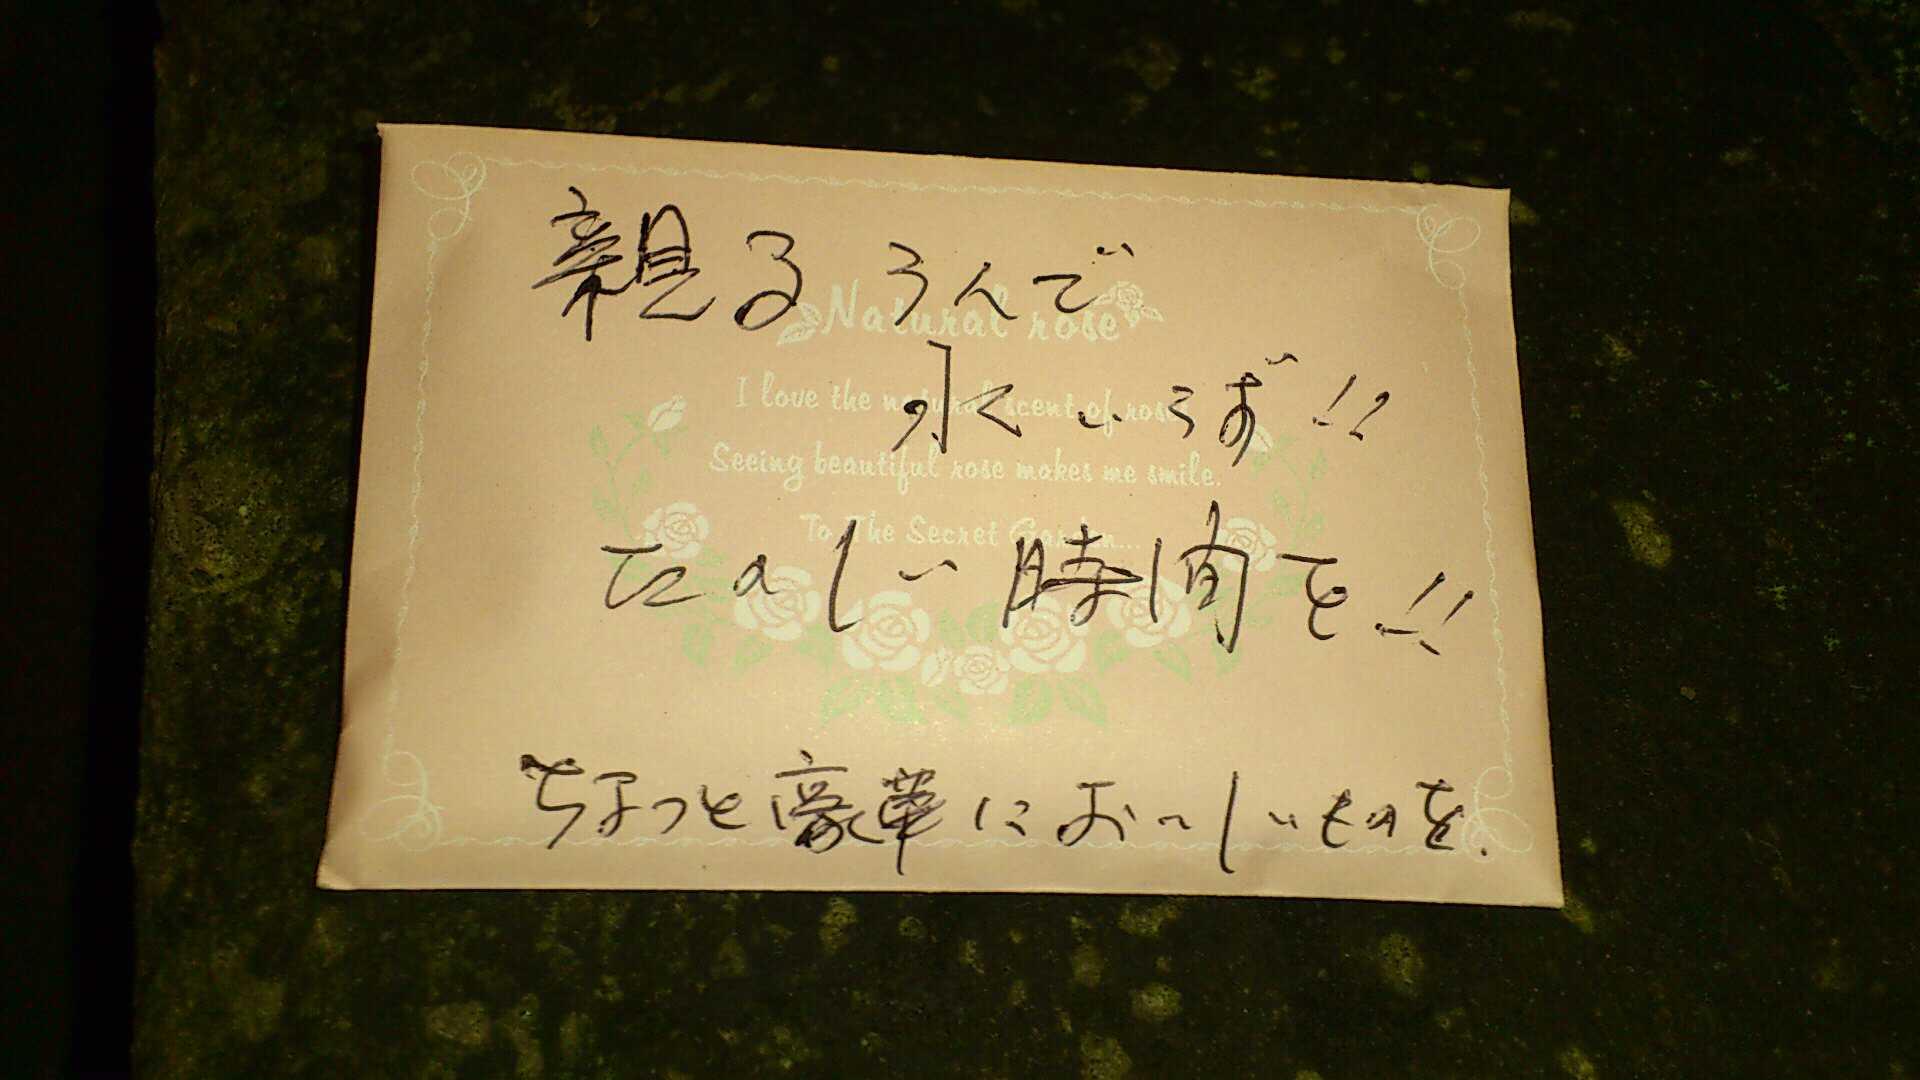 誰か札幌駅近くの紀伊国屋の前でお金落とした人いませんかーー?ま&#x3060